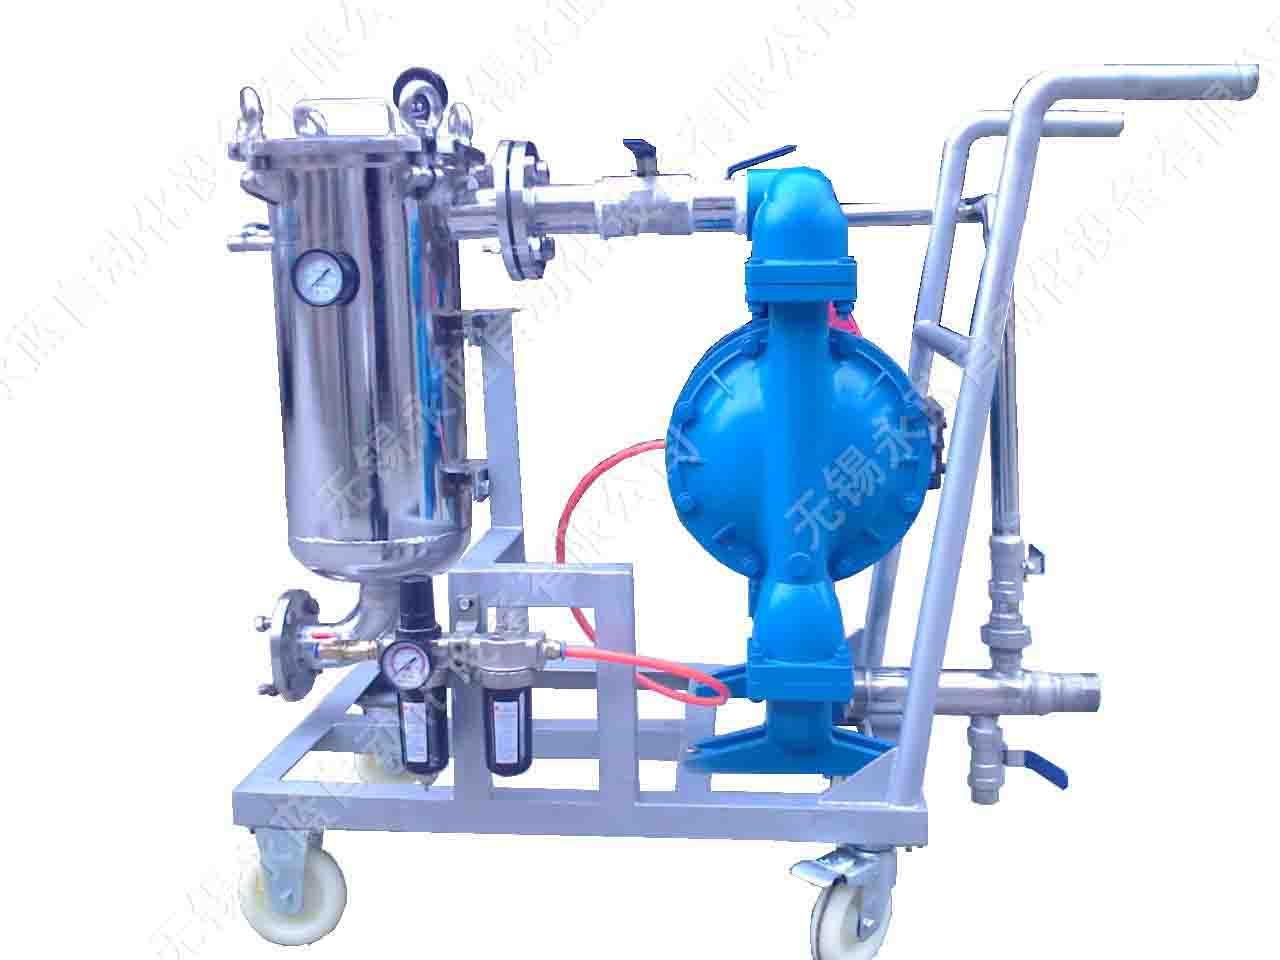 气动隔膜泵过滤器